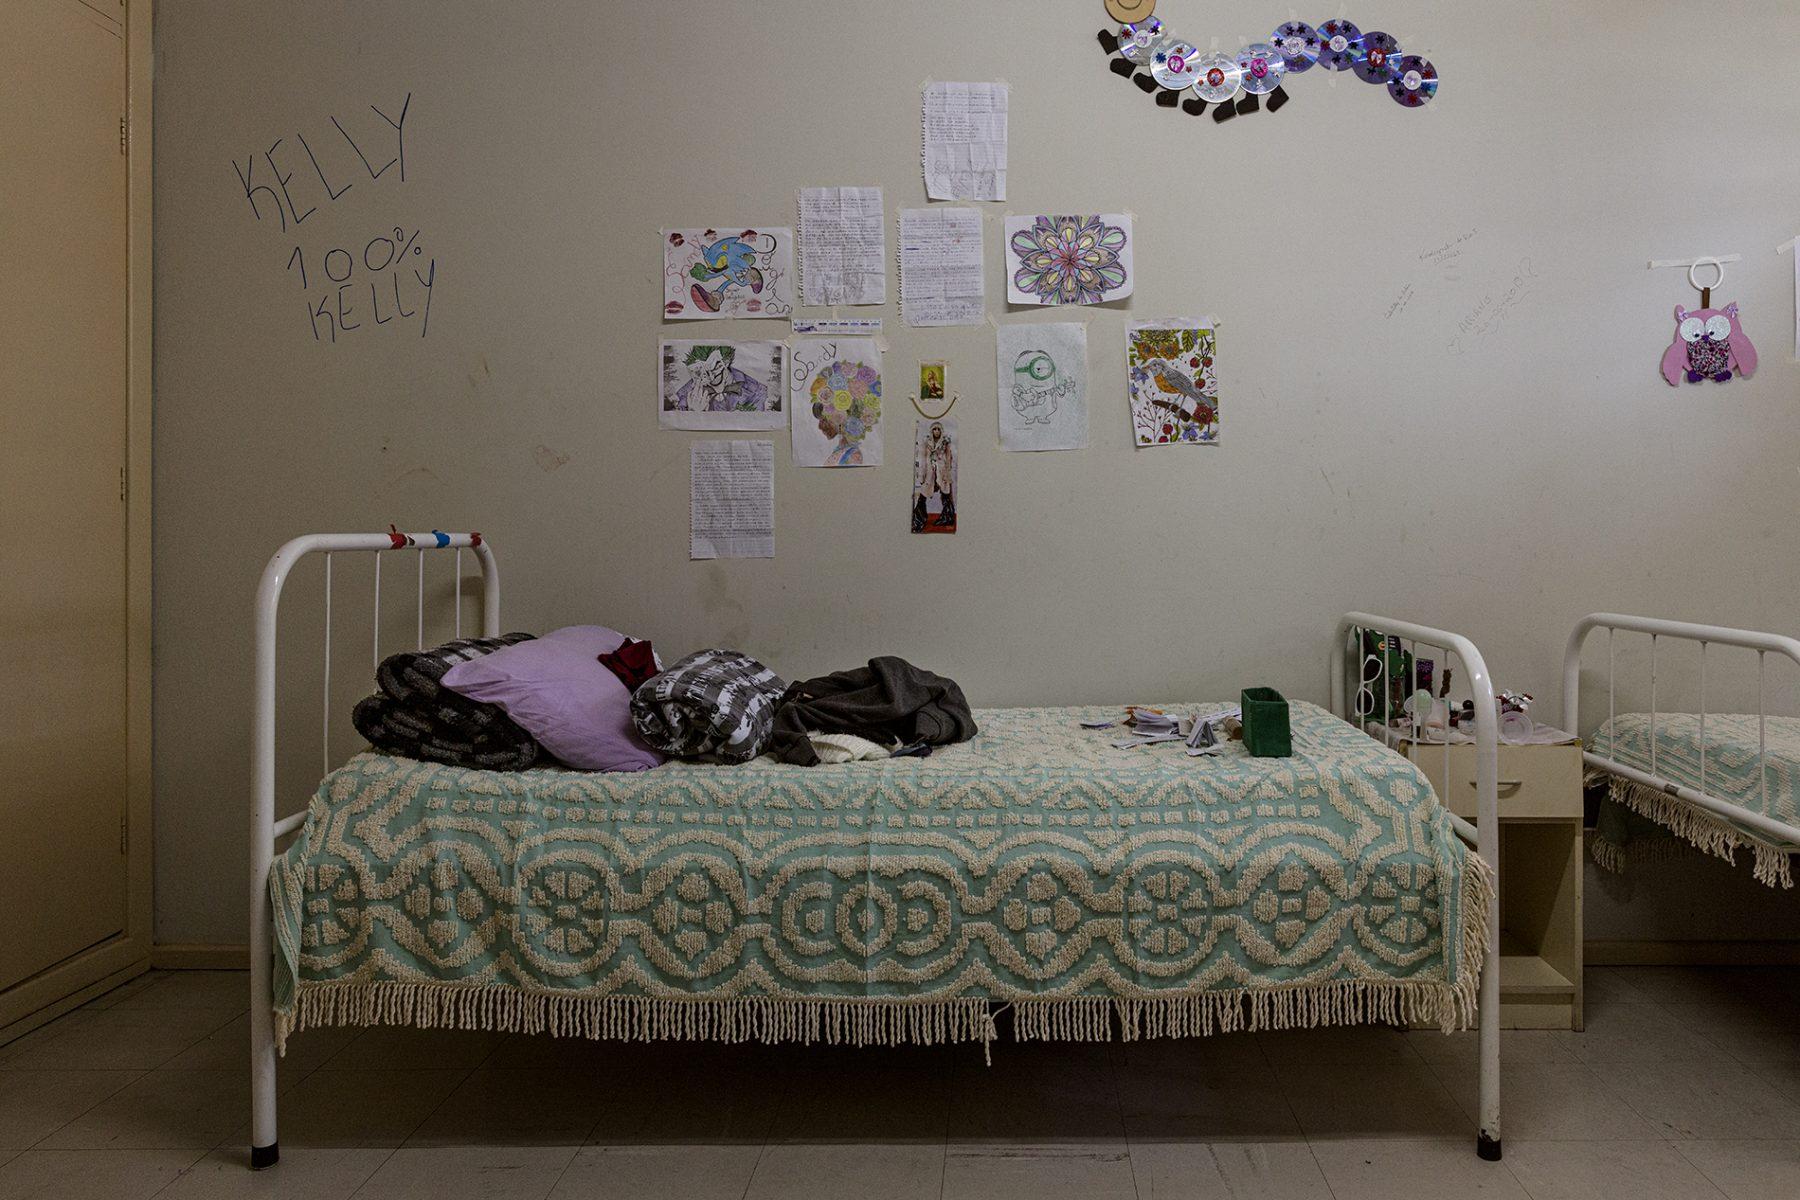 Photo couleur par Gui Christ, chambre avec dessins et peintures et graffitis sur le mur